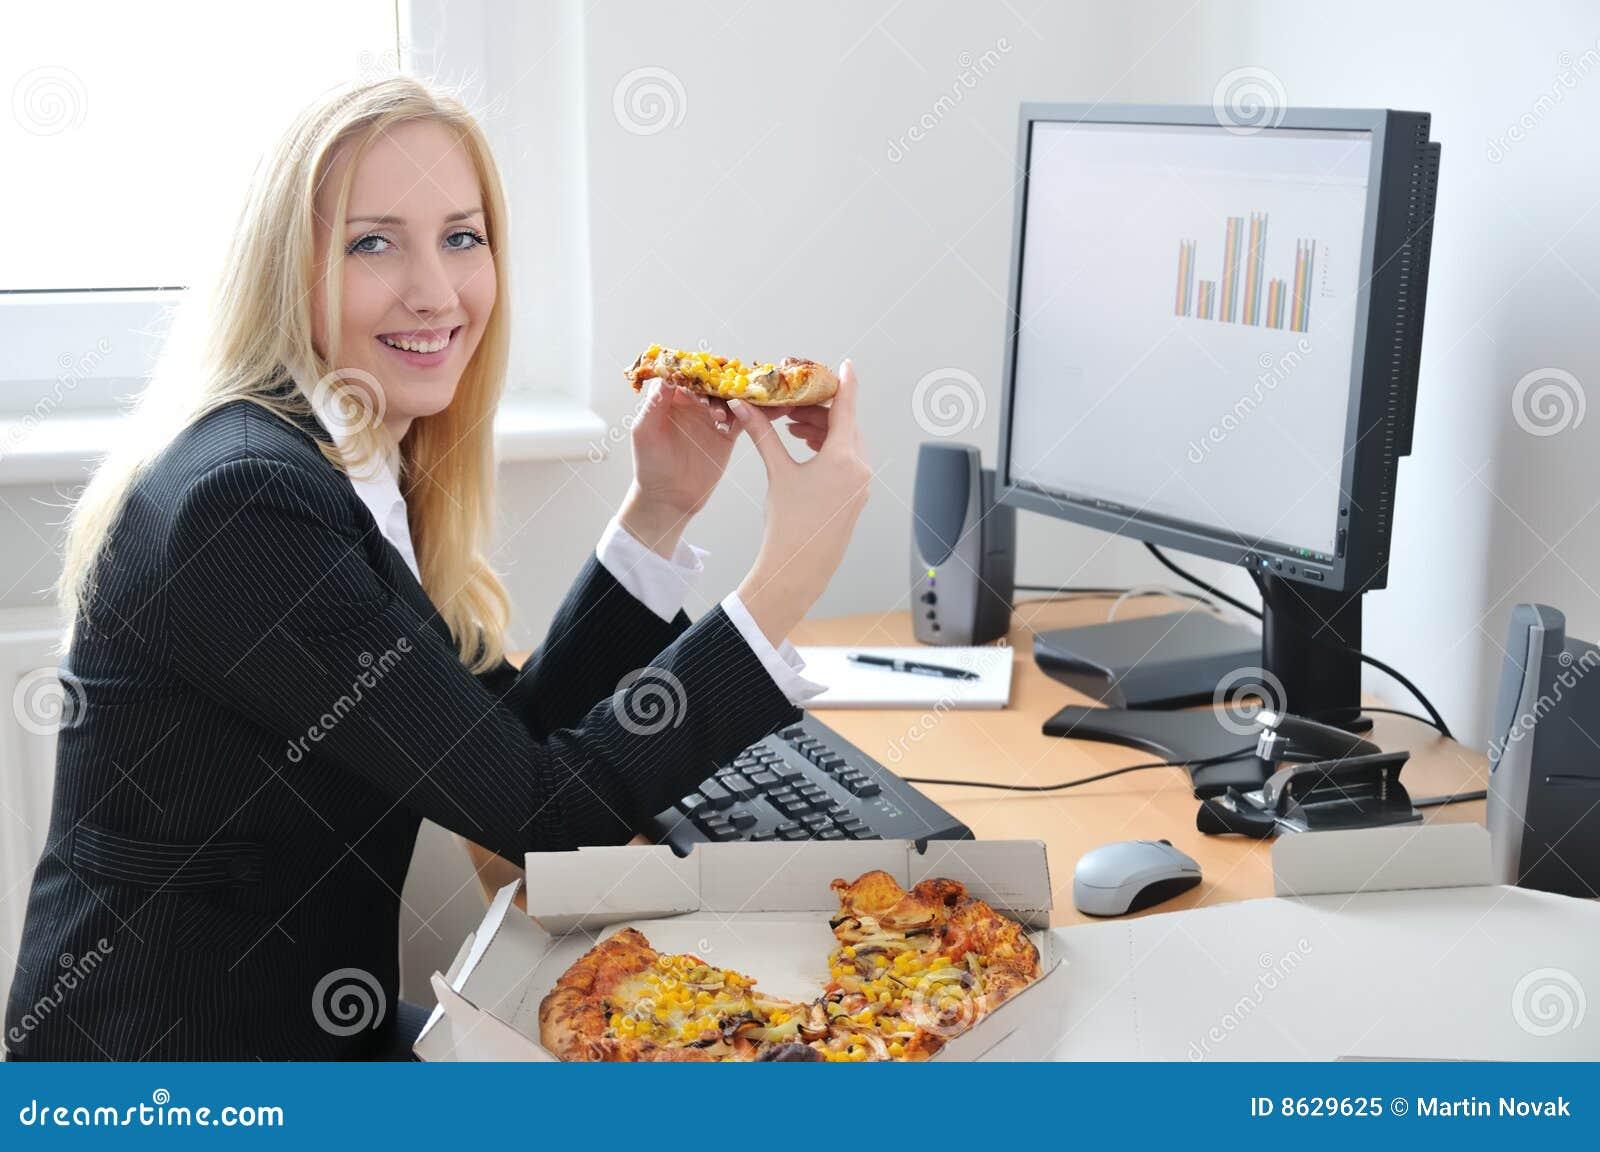 Jeune femme recherche emploi